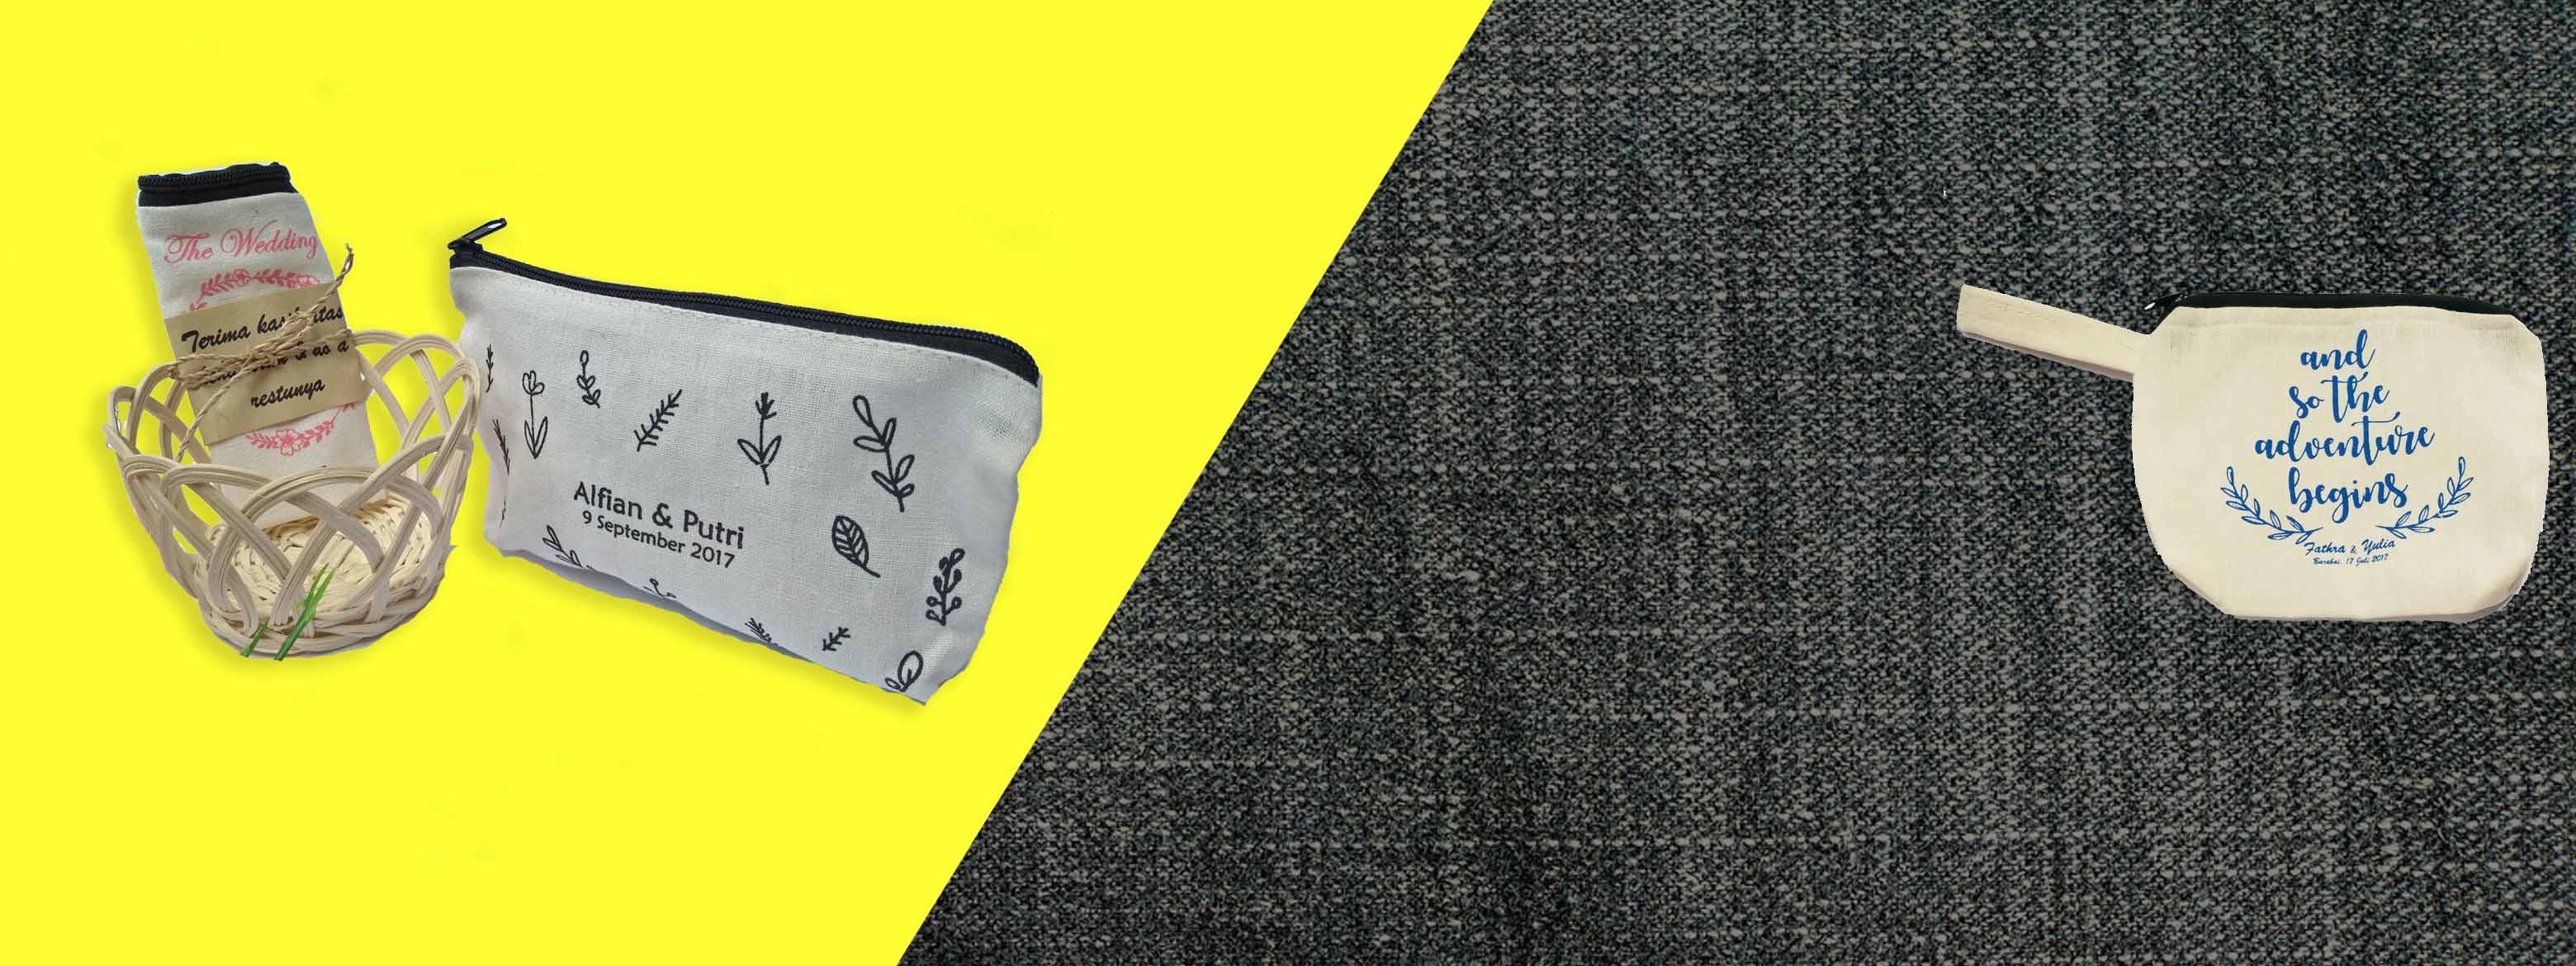 Souvenir dompet pouch blacu